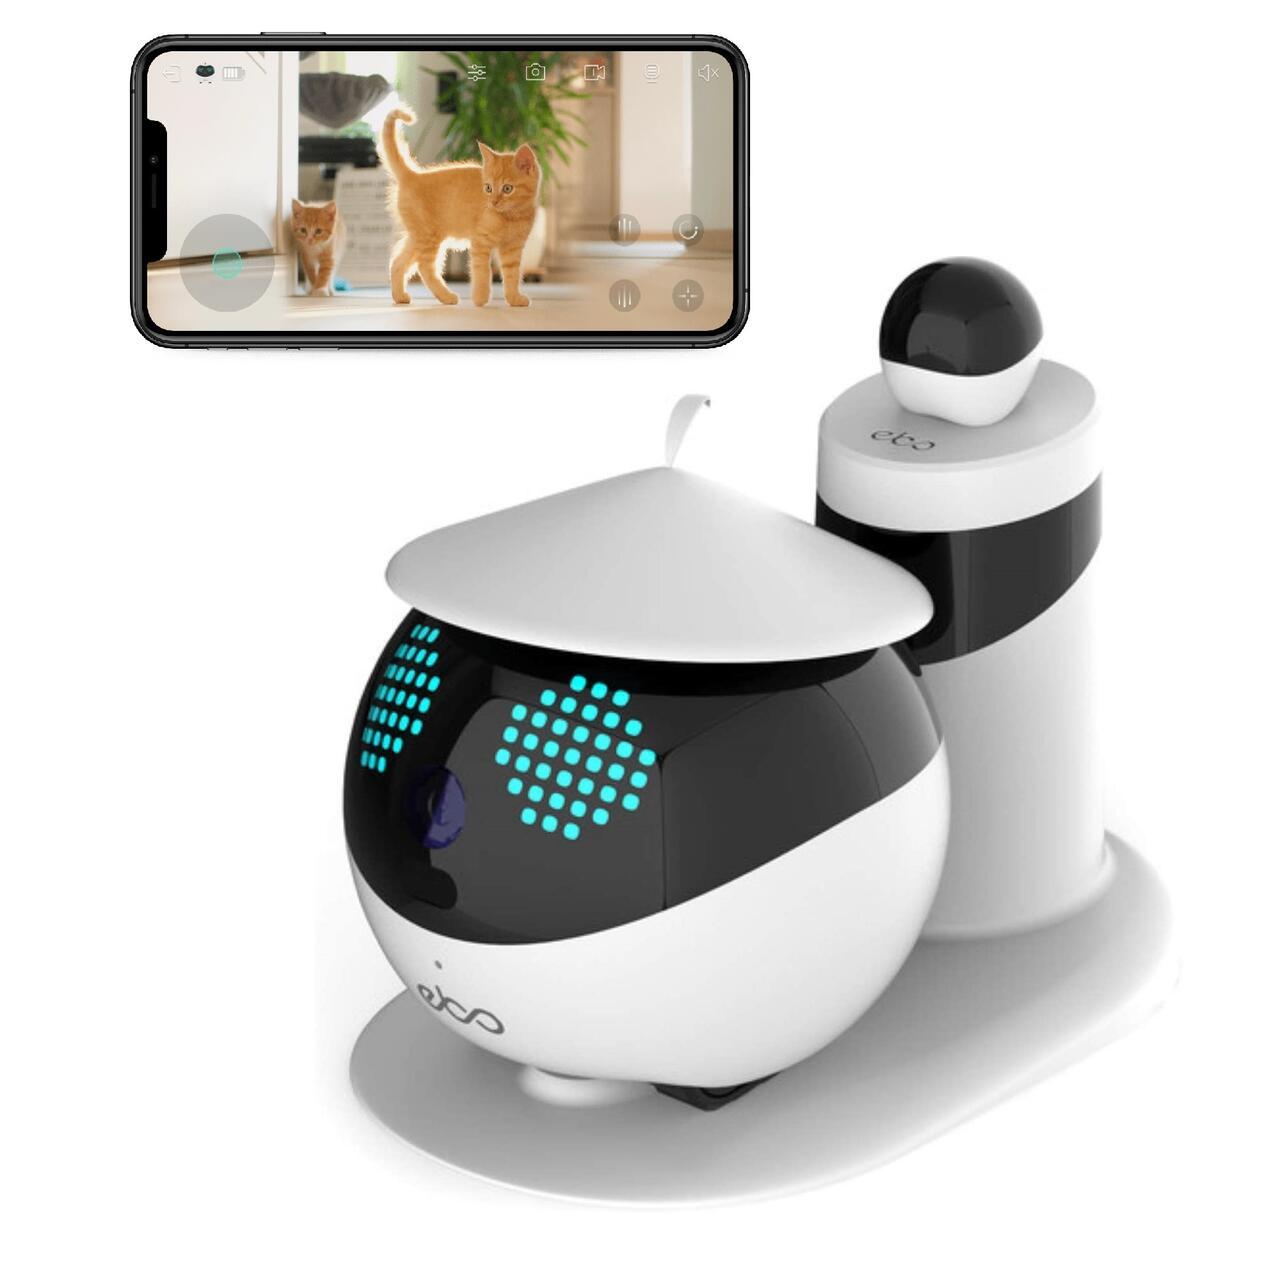 猫用ロボット Ebo イーボ 標準版 自走式 見守りカメラ 国内正規品 猫用品 ペットカメラ 猫おもちゃ ペットモニター 介護 高齢者 子供